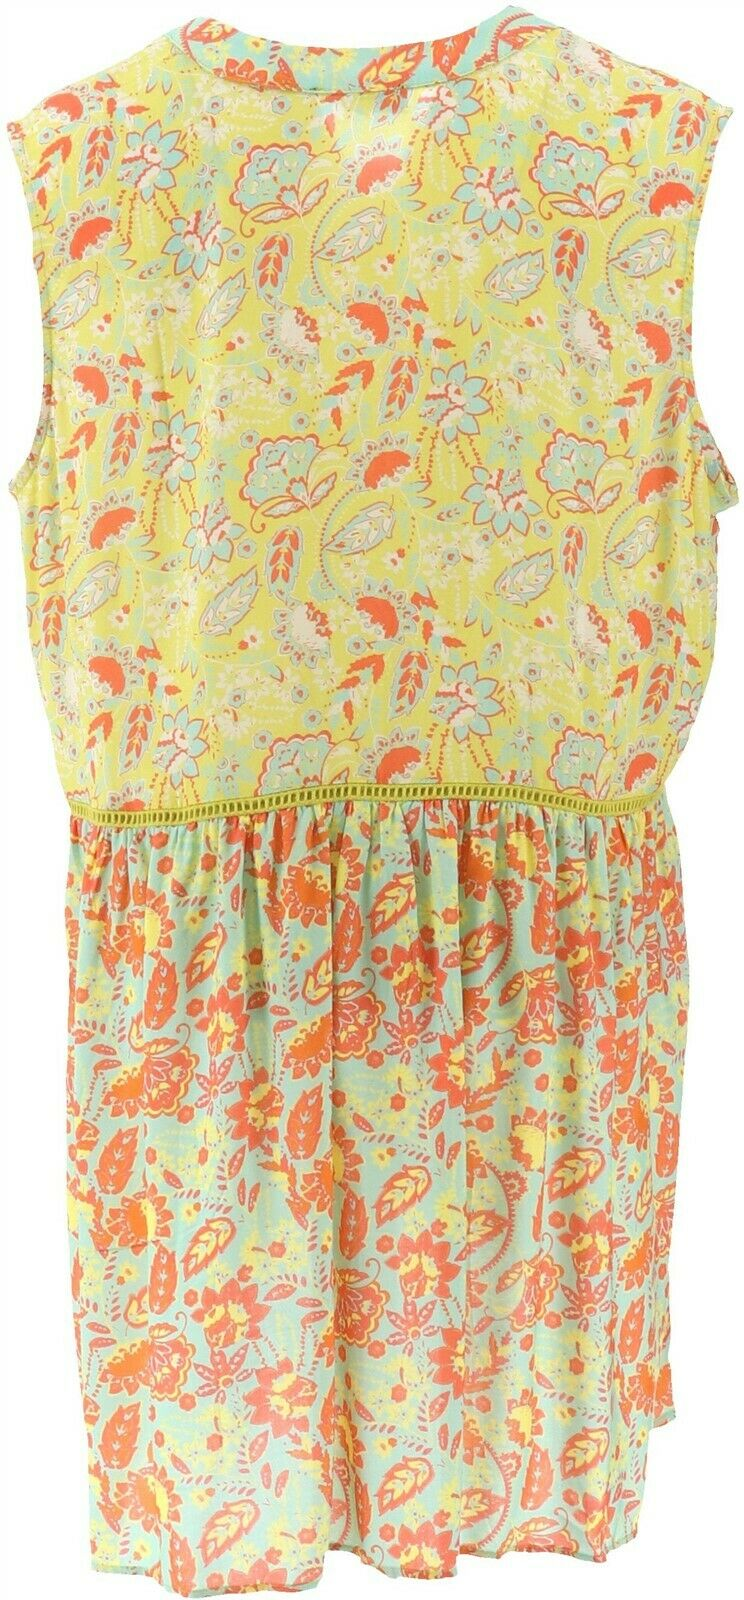 DG2 Diane Gilman Mixed Print Button-Down Tunic Cream Navy M NEW 697-475